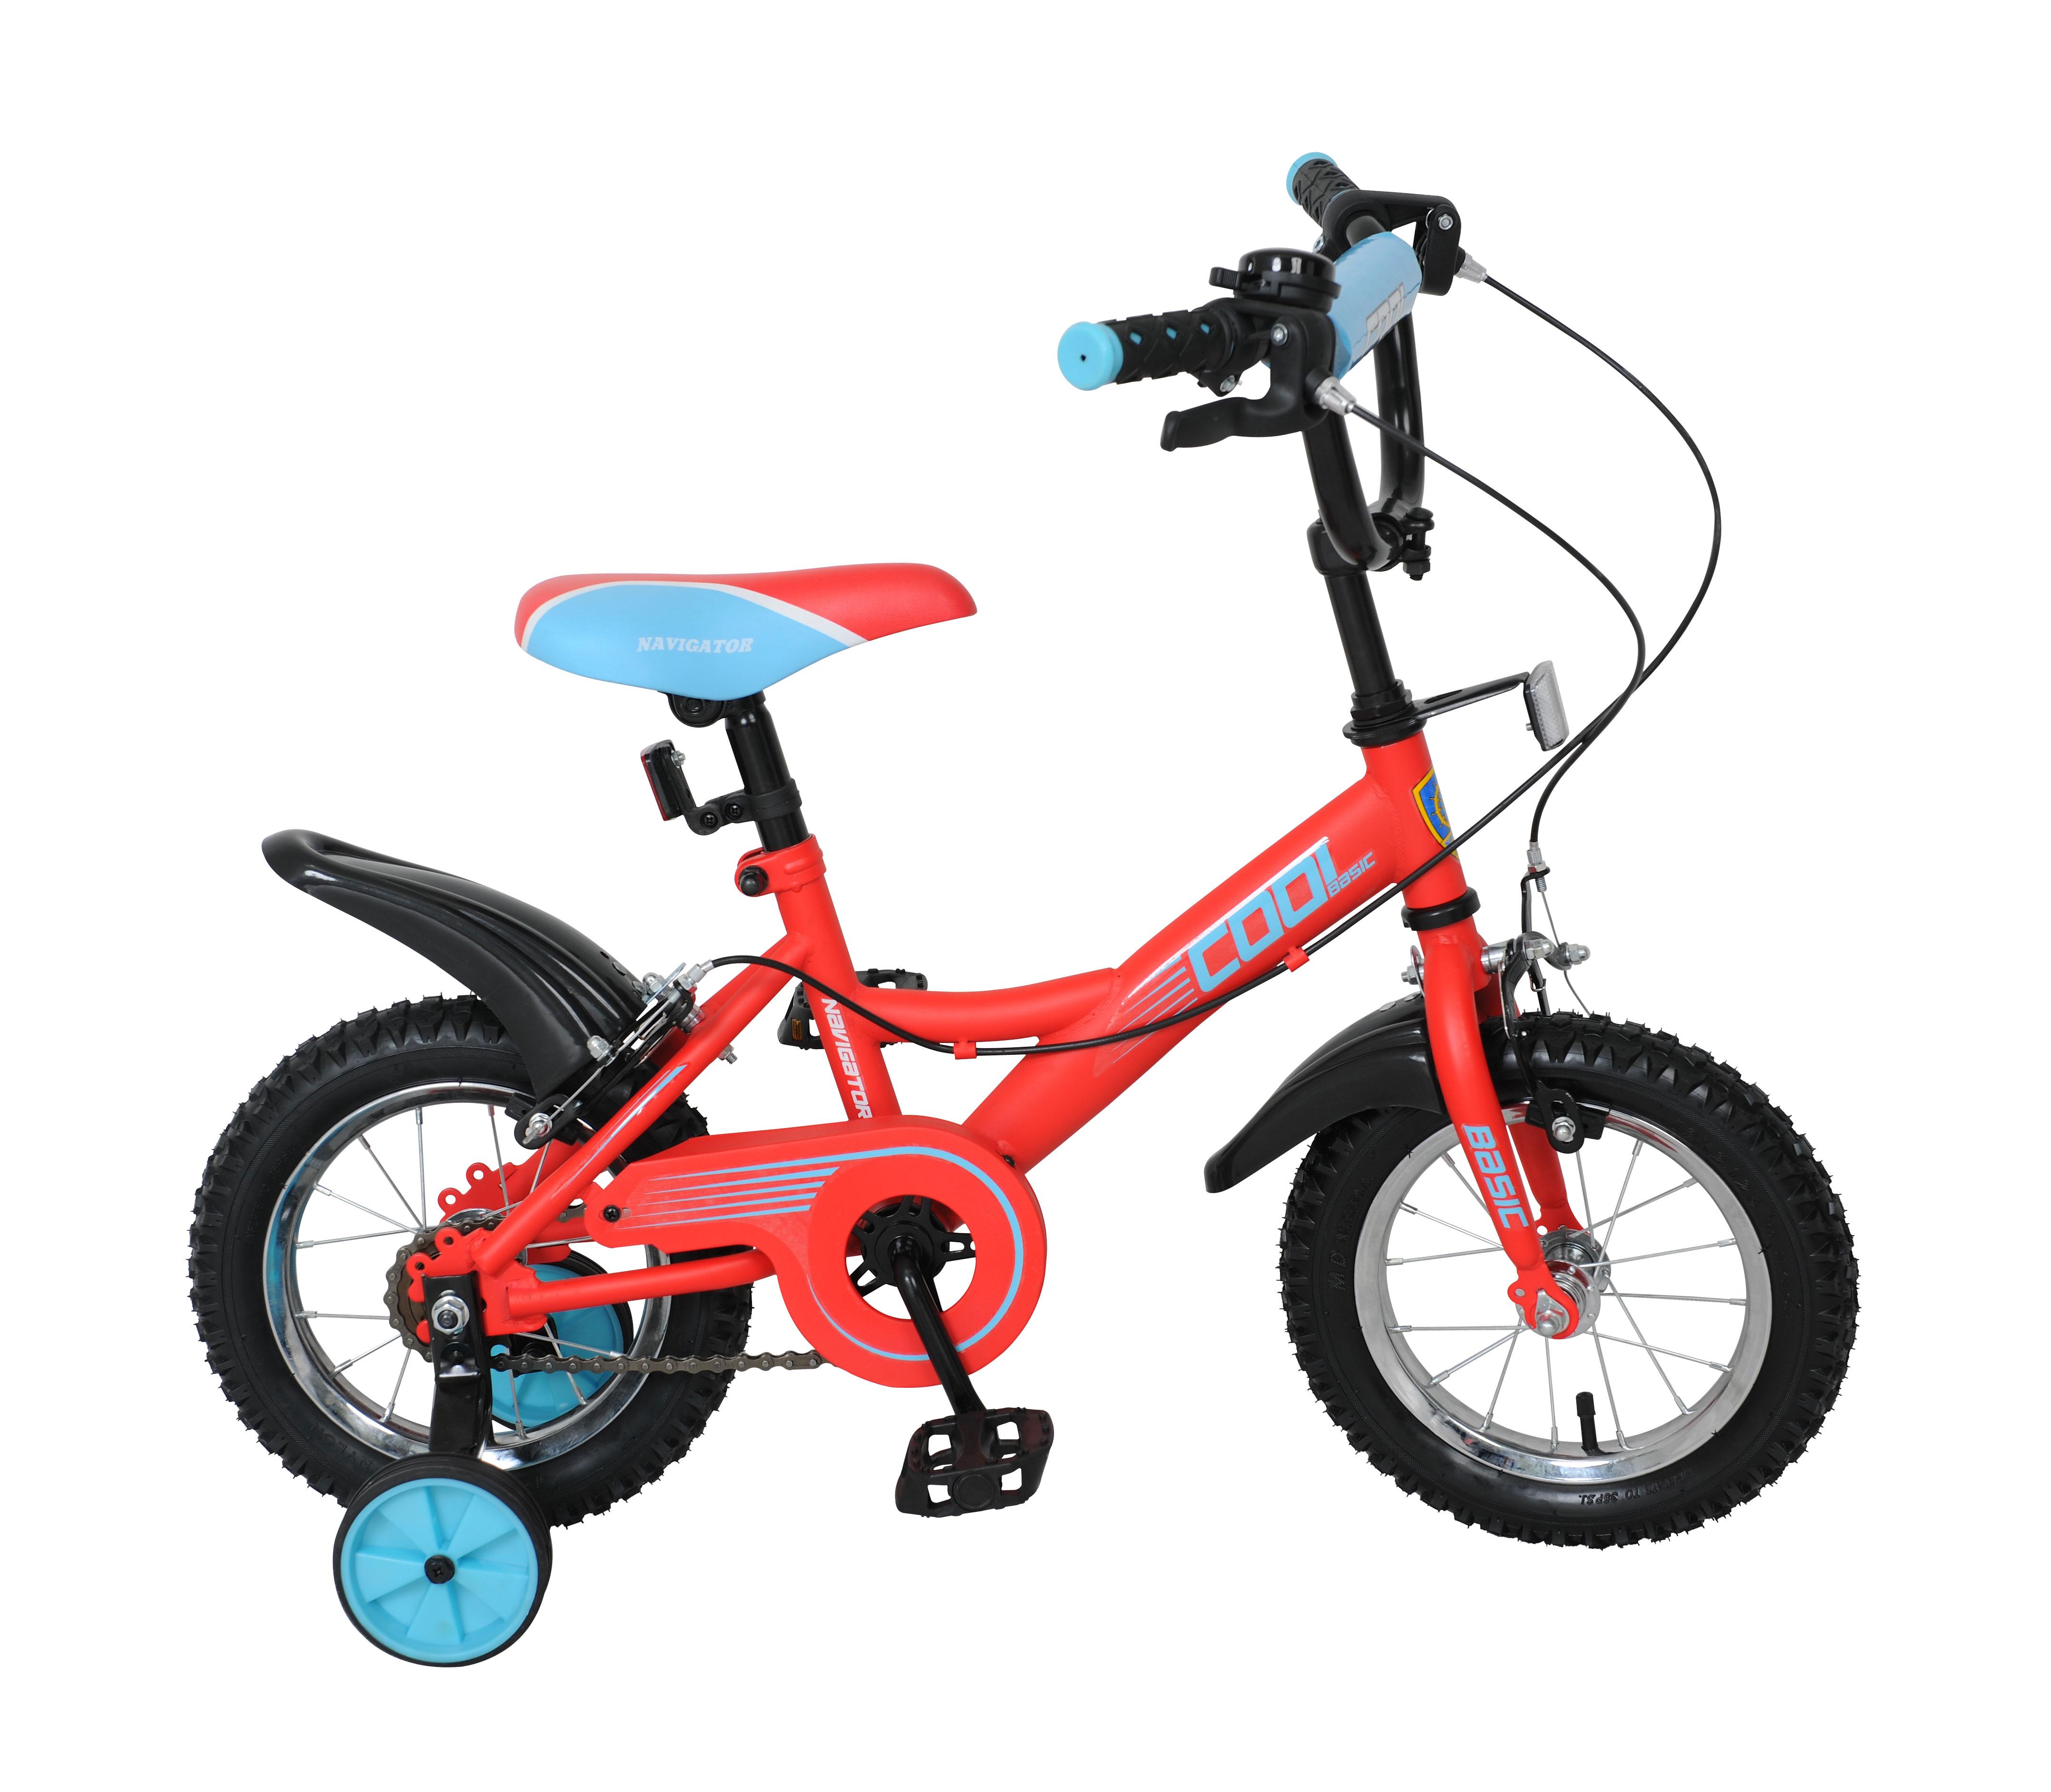 Купить Двухколесный велосипед, Cool 12, Navigator Basic, Китай, металл, полимерные материалы, текстильные материалы, резина